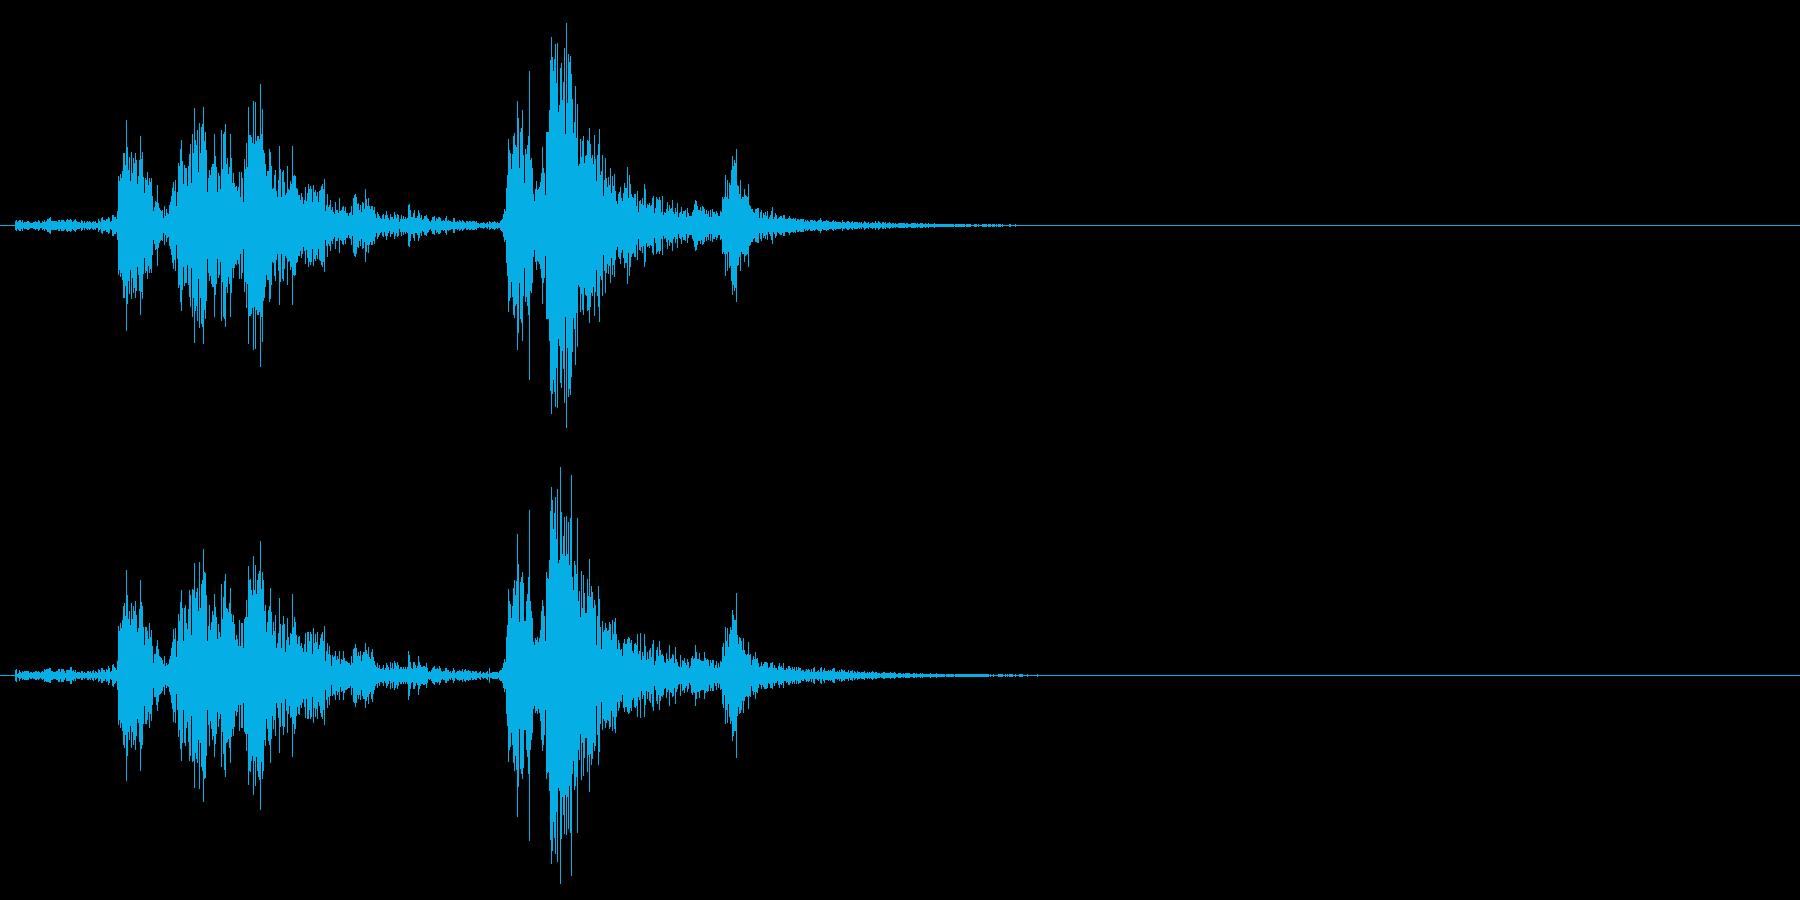 [生音]カシャッ、銃弾を装填する音03の再生済みの波形